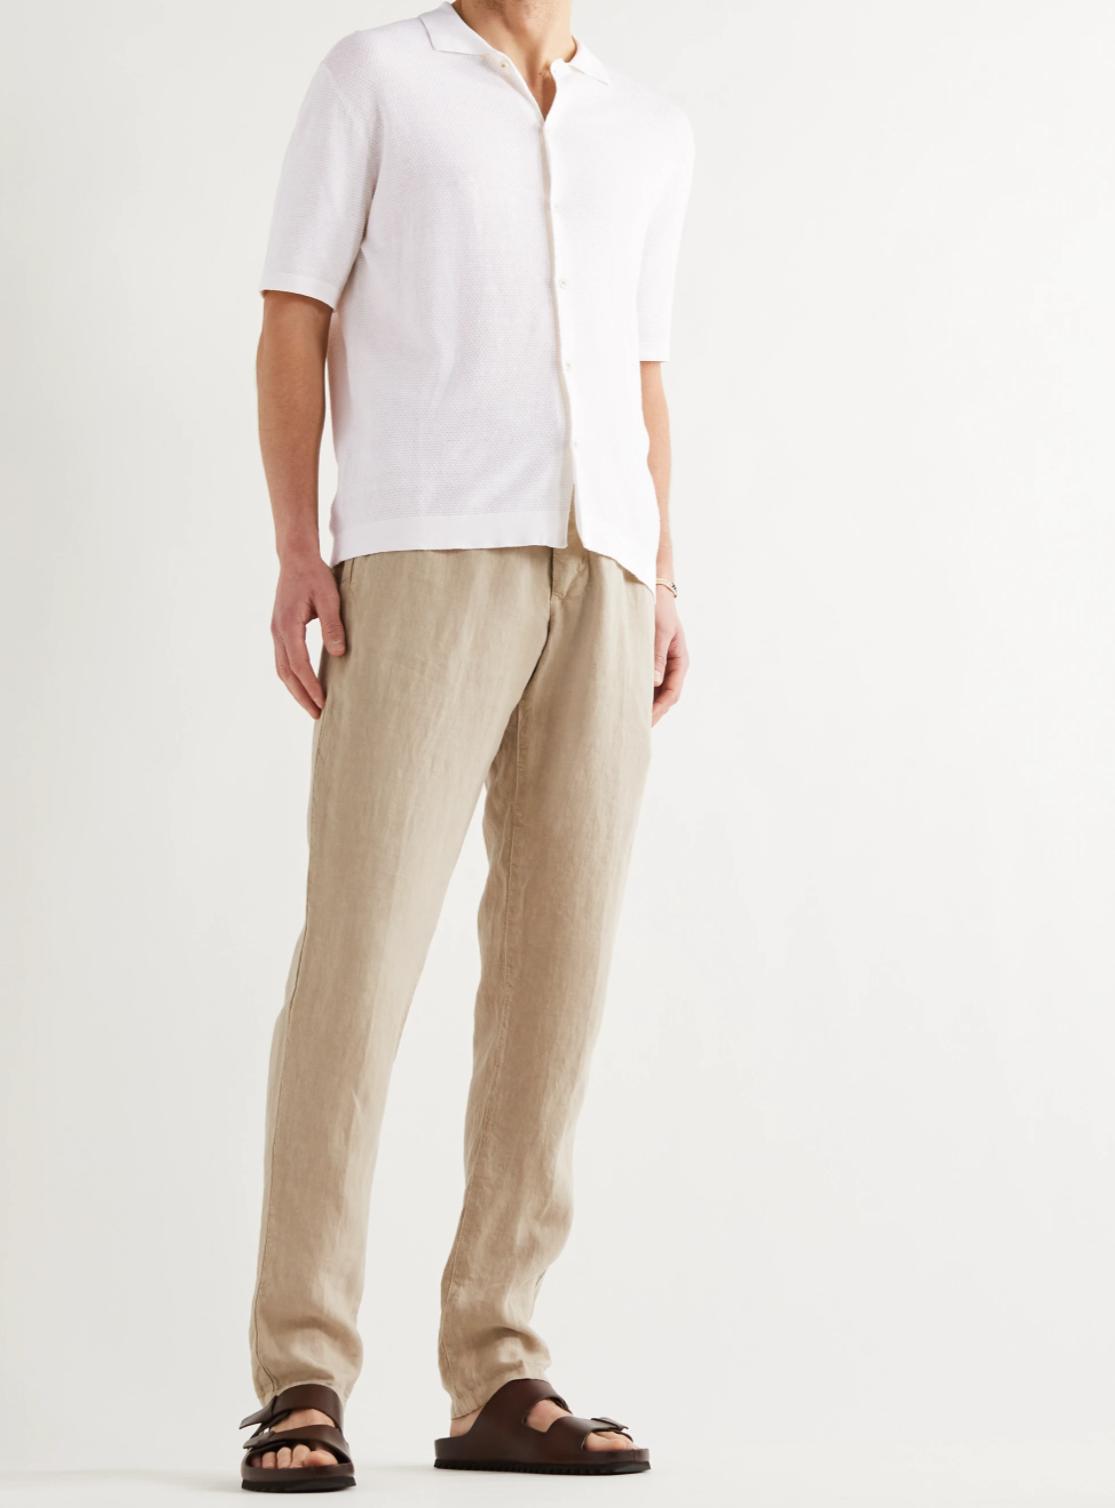 Вязаная летняя рубашка с коротким рукавом в винтажном стиле.jpg